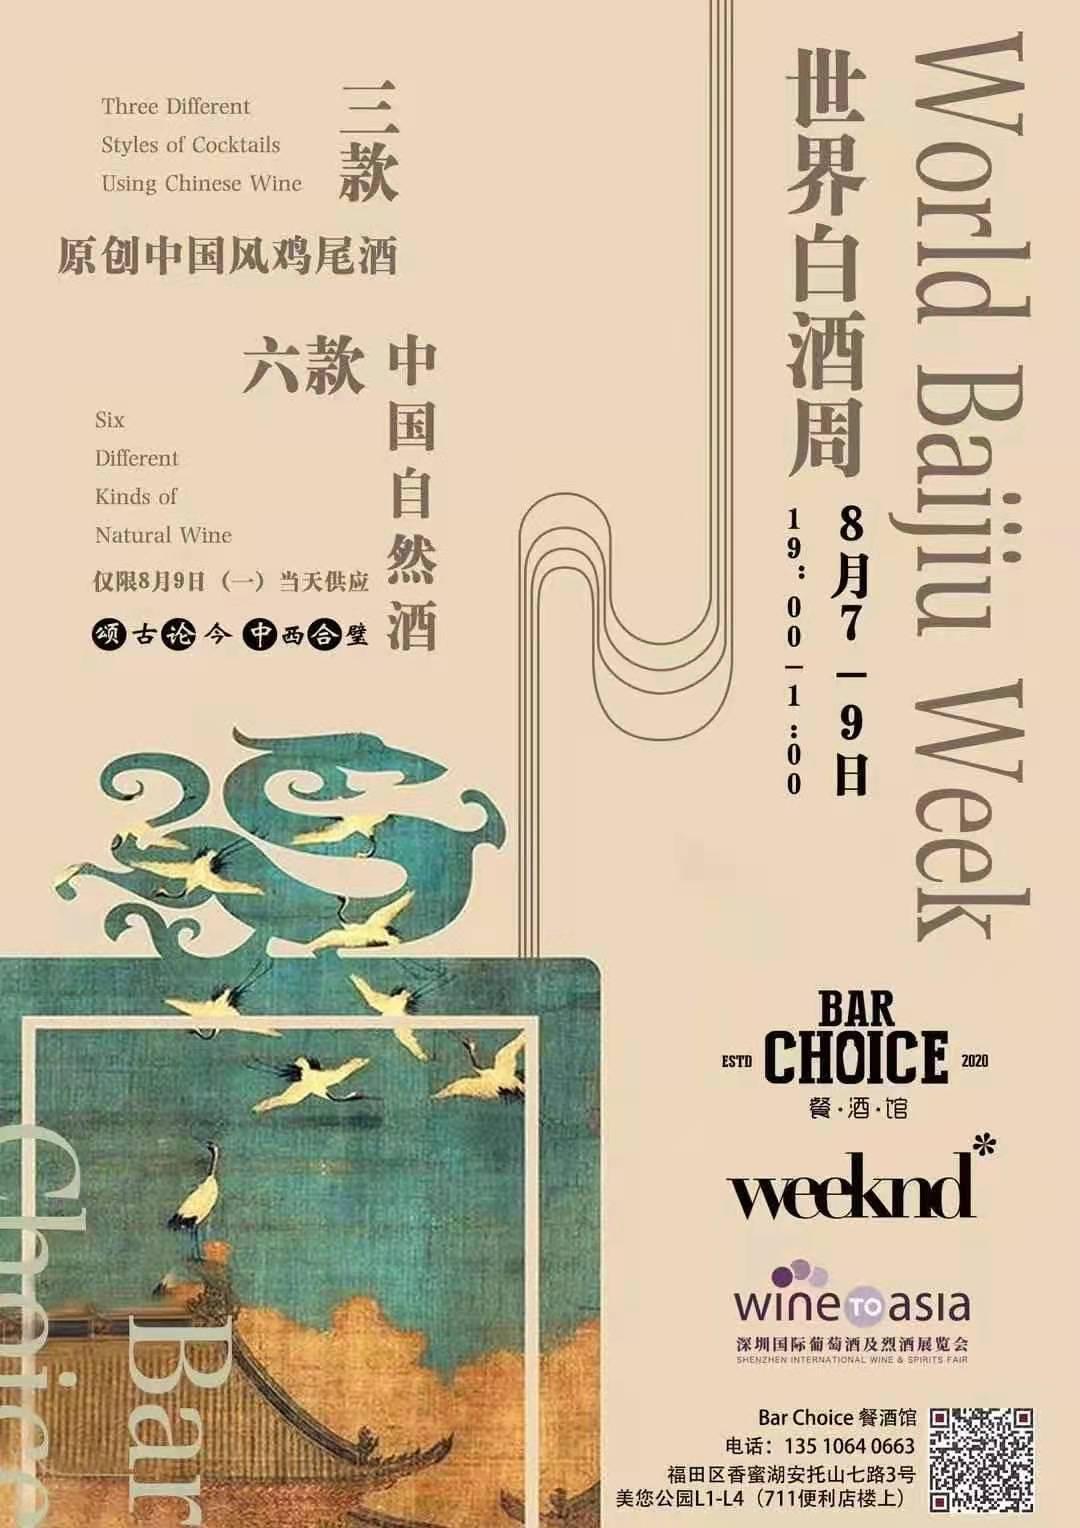 world-baijiu-day-2021-shenzhen-weeknd-wine-bar-choice-baijiu-cocktail